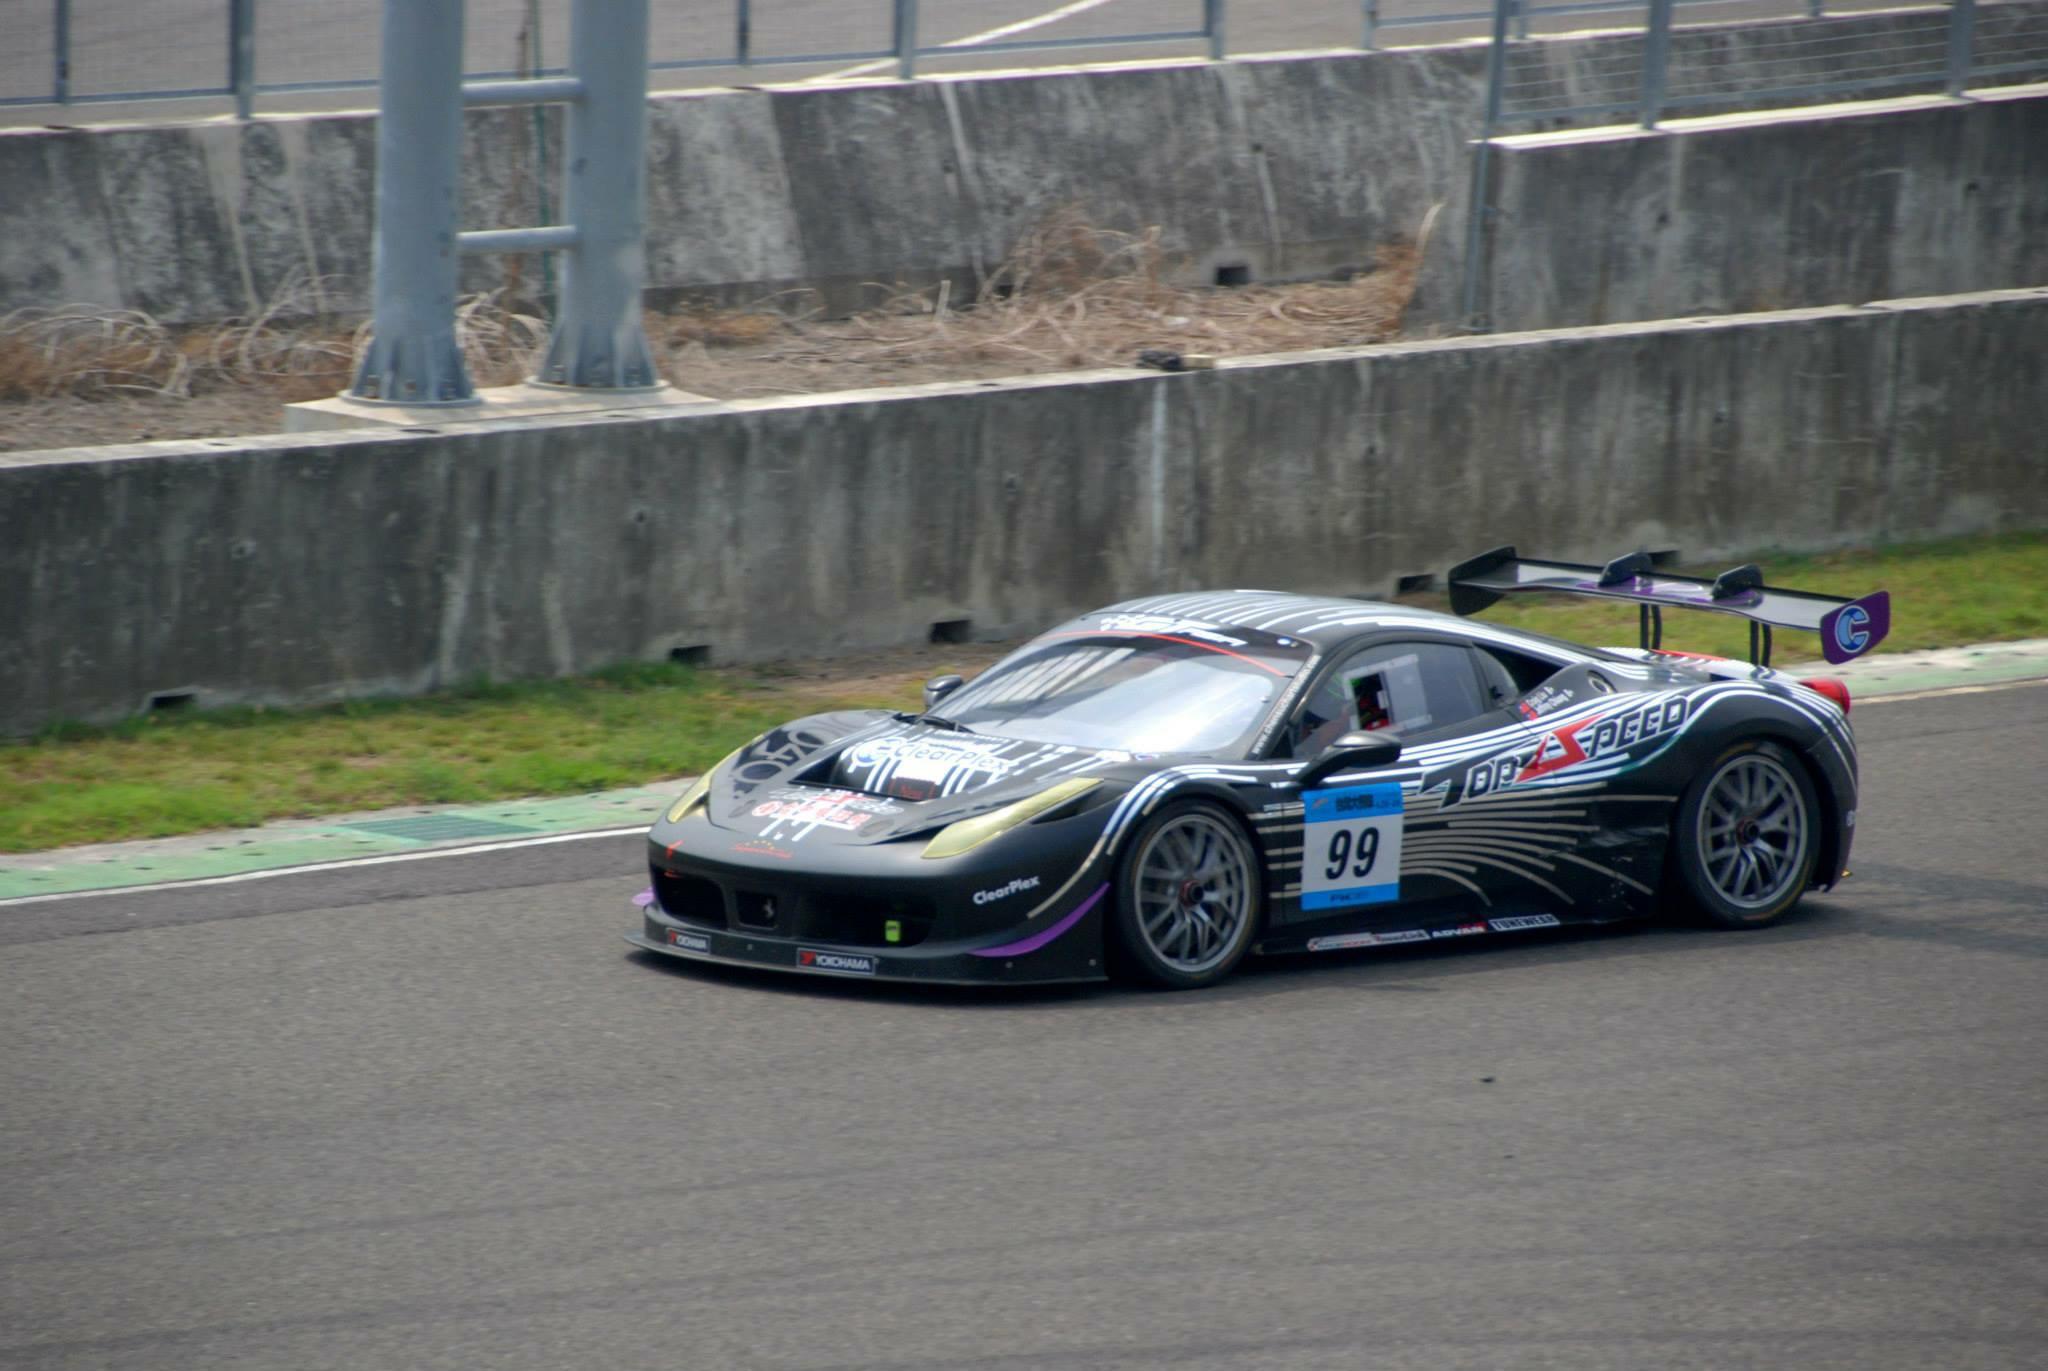 06 Ferrari 458 Wrap - Chen + Suchart Studio.JPG